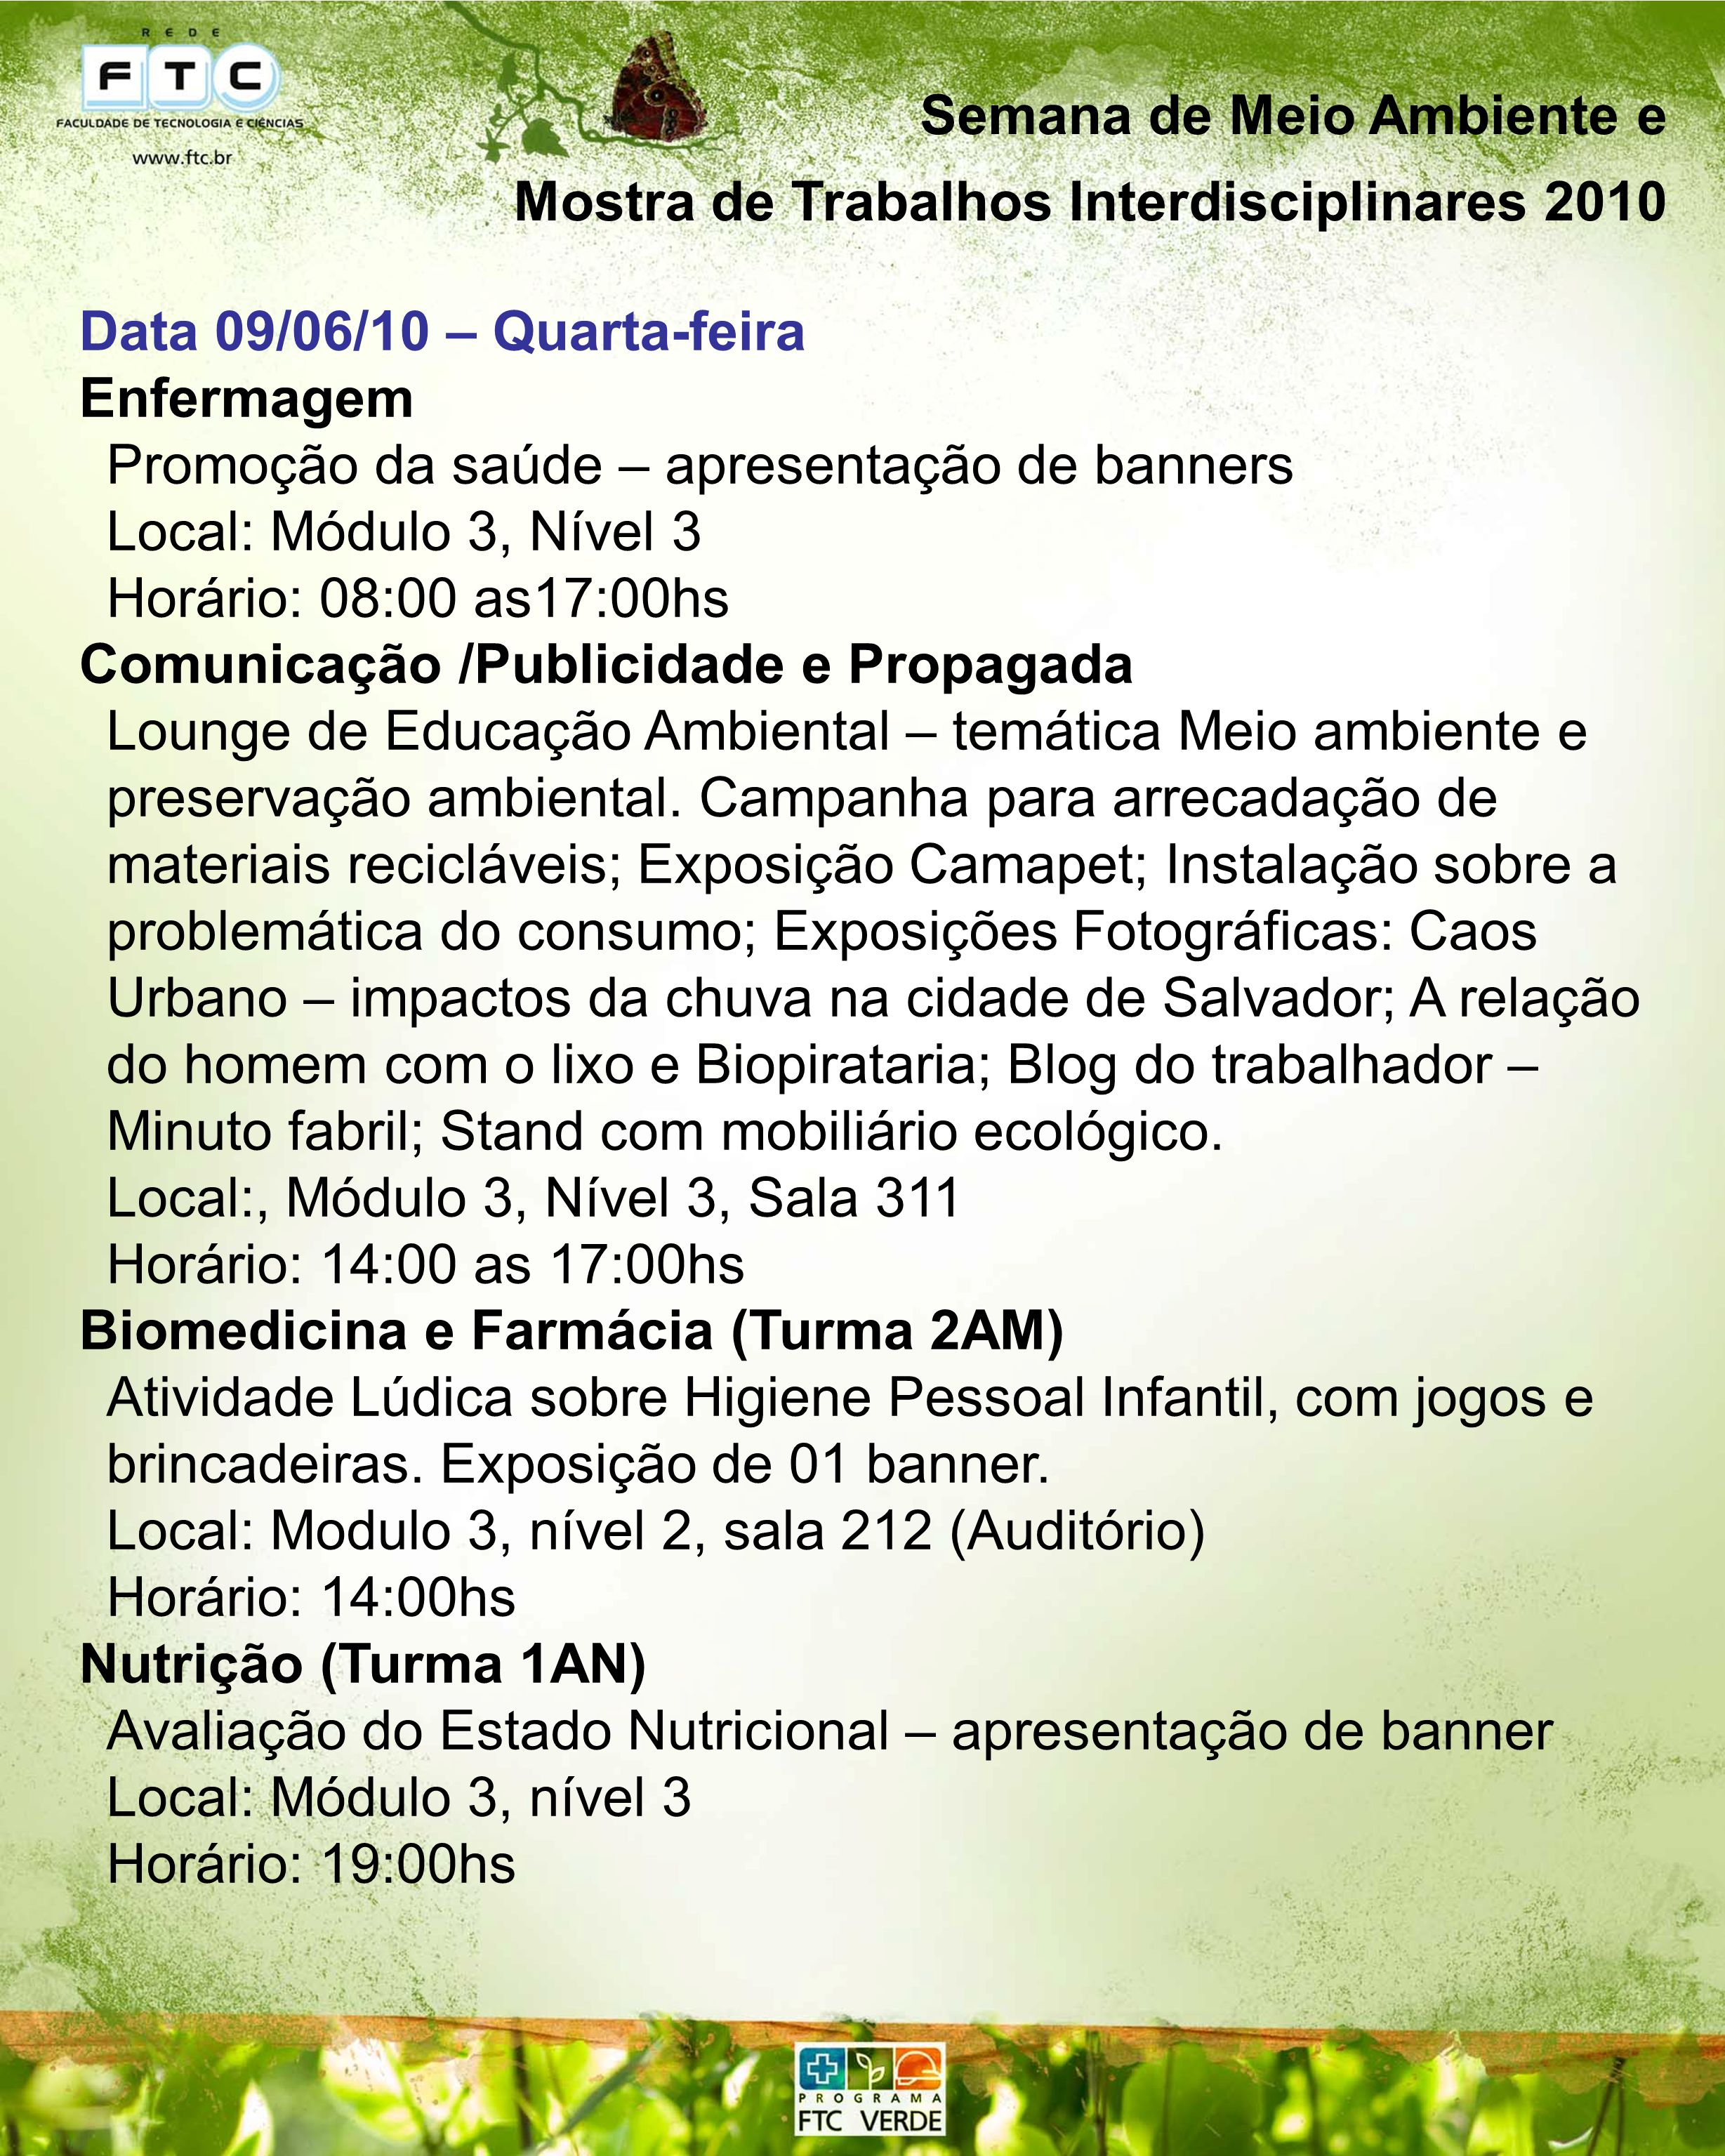 Semana de Meio Ambiente e Mostra de Trabalhos Interdisciplinares 2010 Data 10/06/10 – Quinta-feira Fisioterapia Esgotamento Sanitário, Meio Ambiente e Saúde; Agrotóxicos: impactos ambientais e na saúde humana; Educação Ambiental: a sociedade e o lixo; Ambiente de Trabalho no Telemarketing e Ocorrência de Doenças Ocupacionais; Fatores Ambientais e Impactos na Saúde do Morador de Rua – Apresentação de banners Local: Módulo 3, nível 3 Horário: 11:00 as 12:00hs Odontologia (TID1) Prevenção de saúde bucal na comunidade – apresentação de banners Local: Módulo 02, nível 3 Horário: 14:00 as 16:00hs Odontologia (TID4) Odontologia e meio ambiente – apresentação de banners Local: Módulo 02, nível 3 Horário: 14:00 as 16:00hs Biologia e Farmácia (Turma 1AN) Palestra Transplante de órgãos, com palestrante Dra.